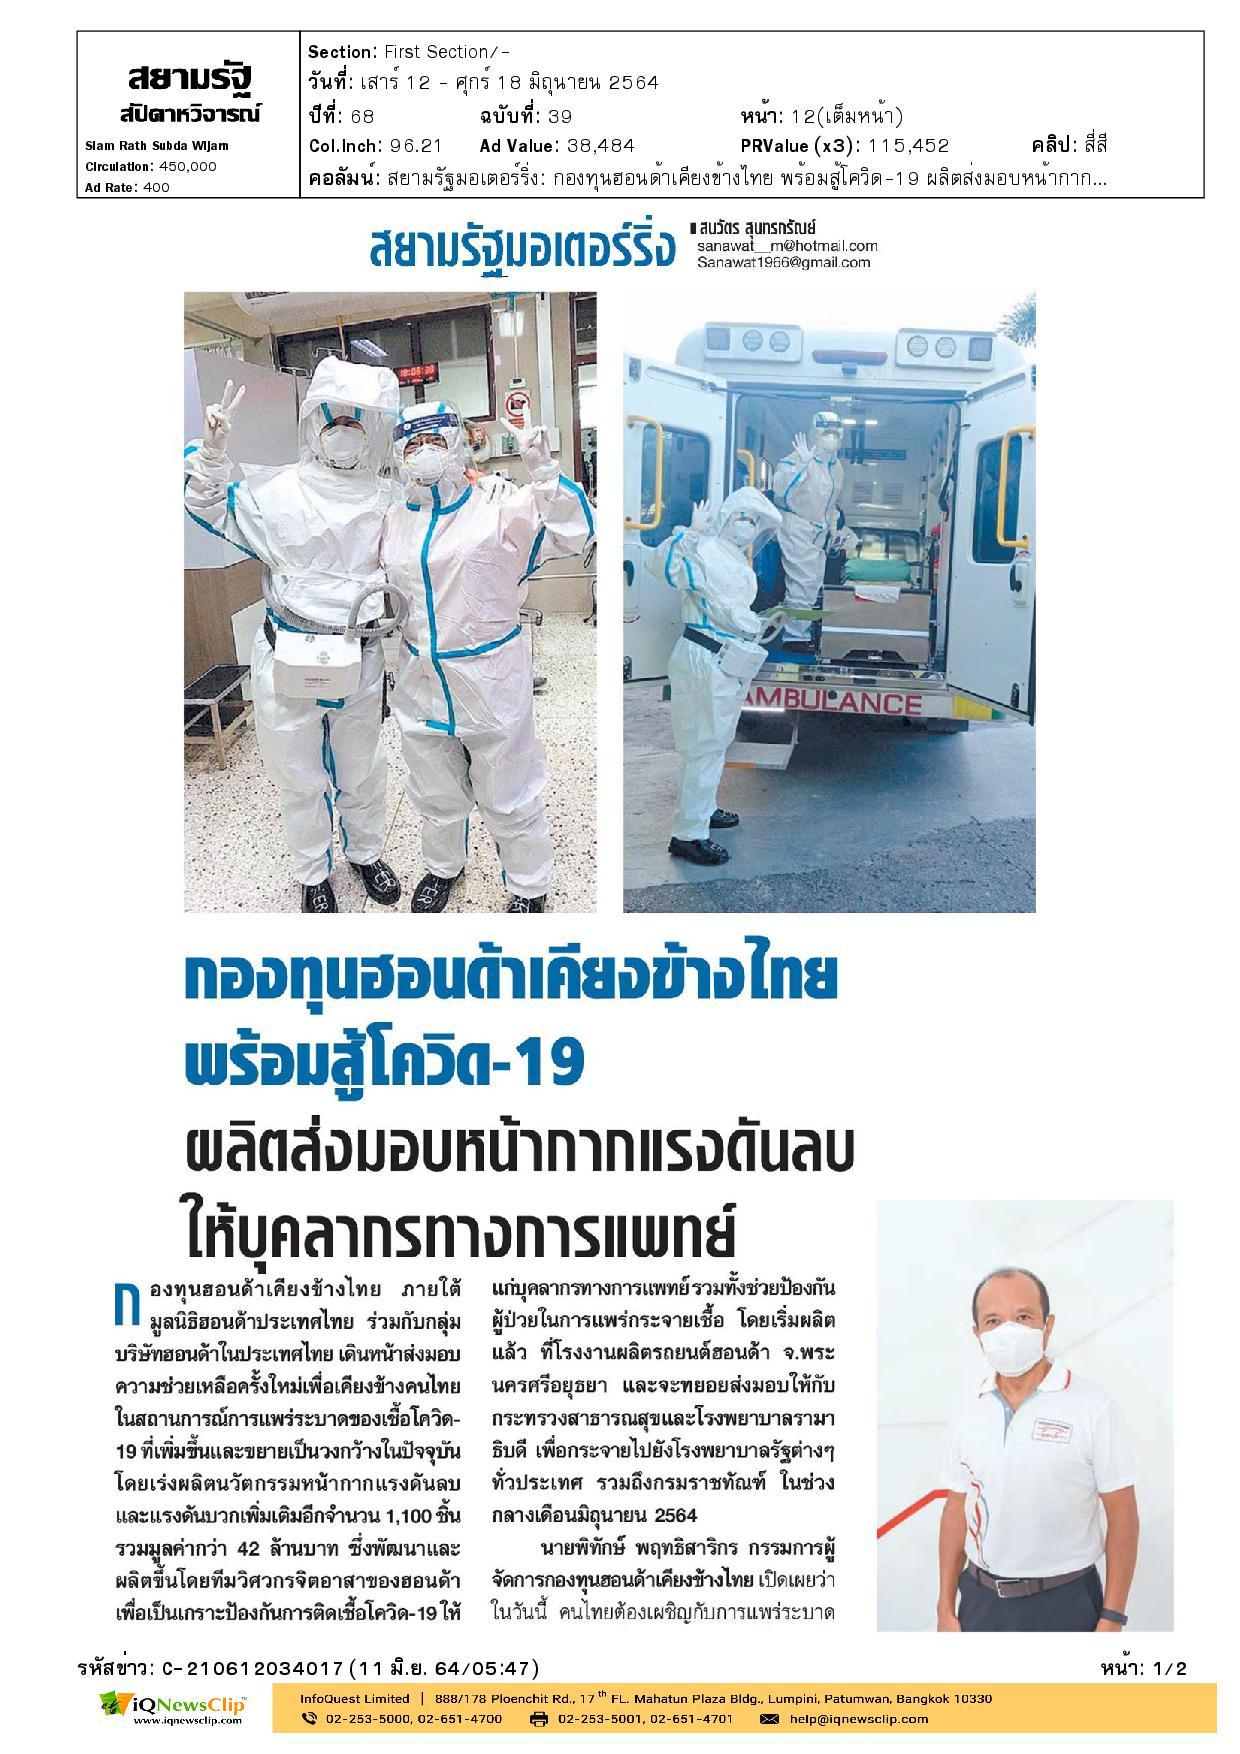 บทความเรื่อง กองทุนฮอนด้าเคียงข้างไทยพร้อมสู้โควิด-19 ผลิตส่งมอบหน้ากากแรงดันลบให้บุคลากรทางการแพทย์